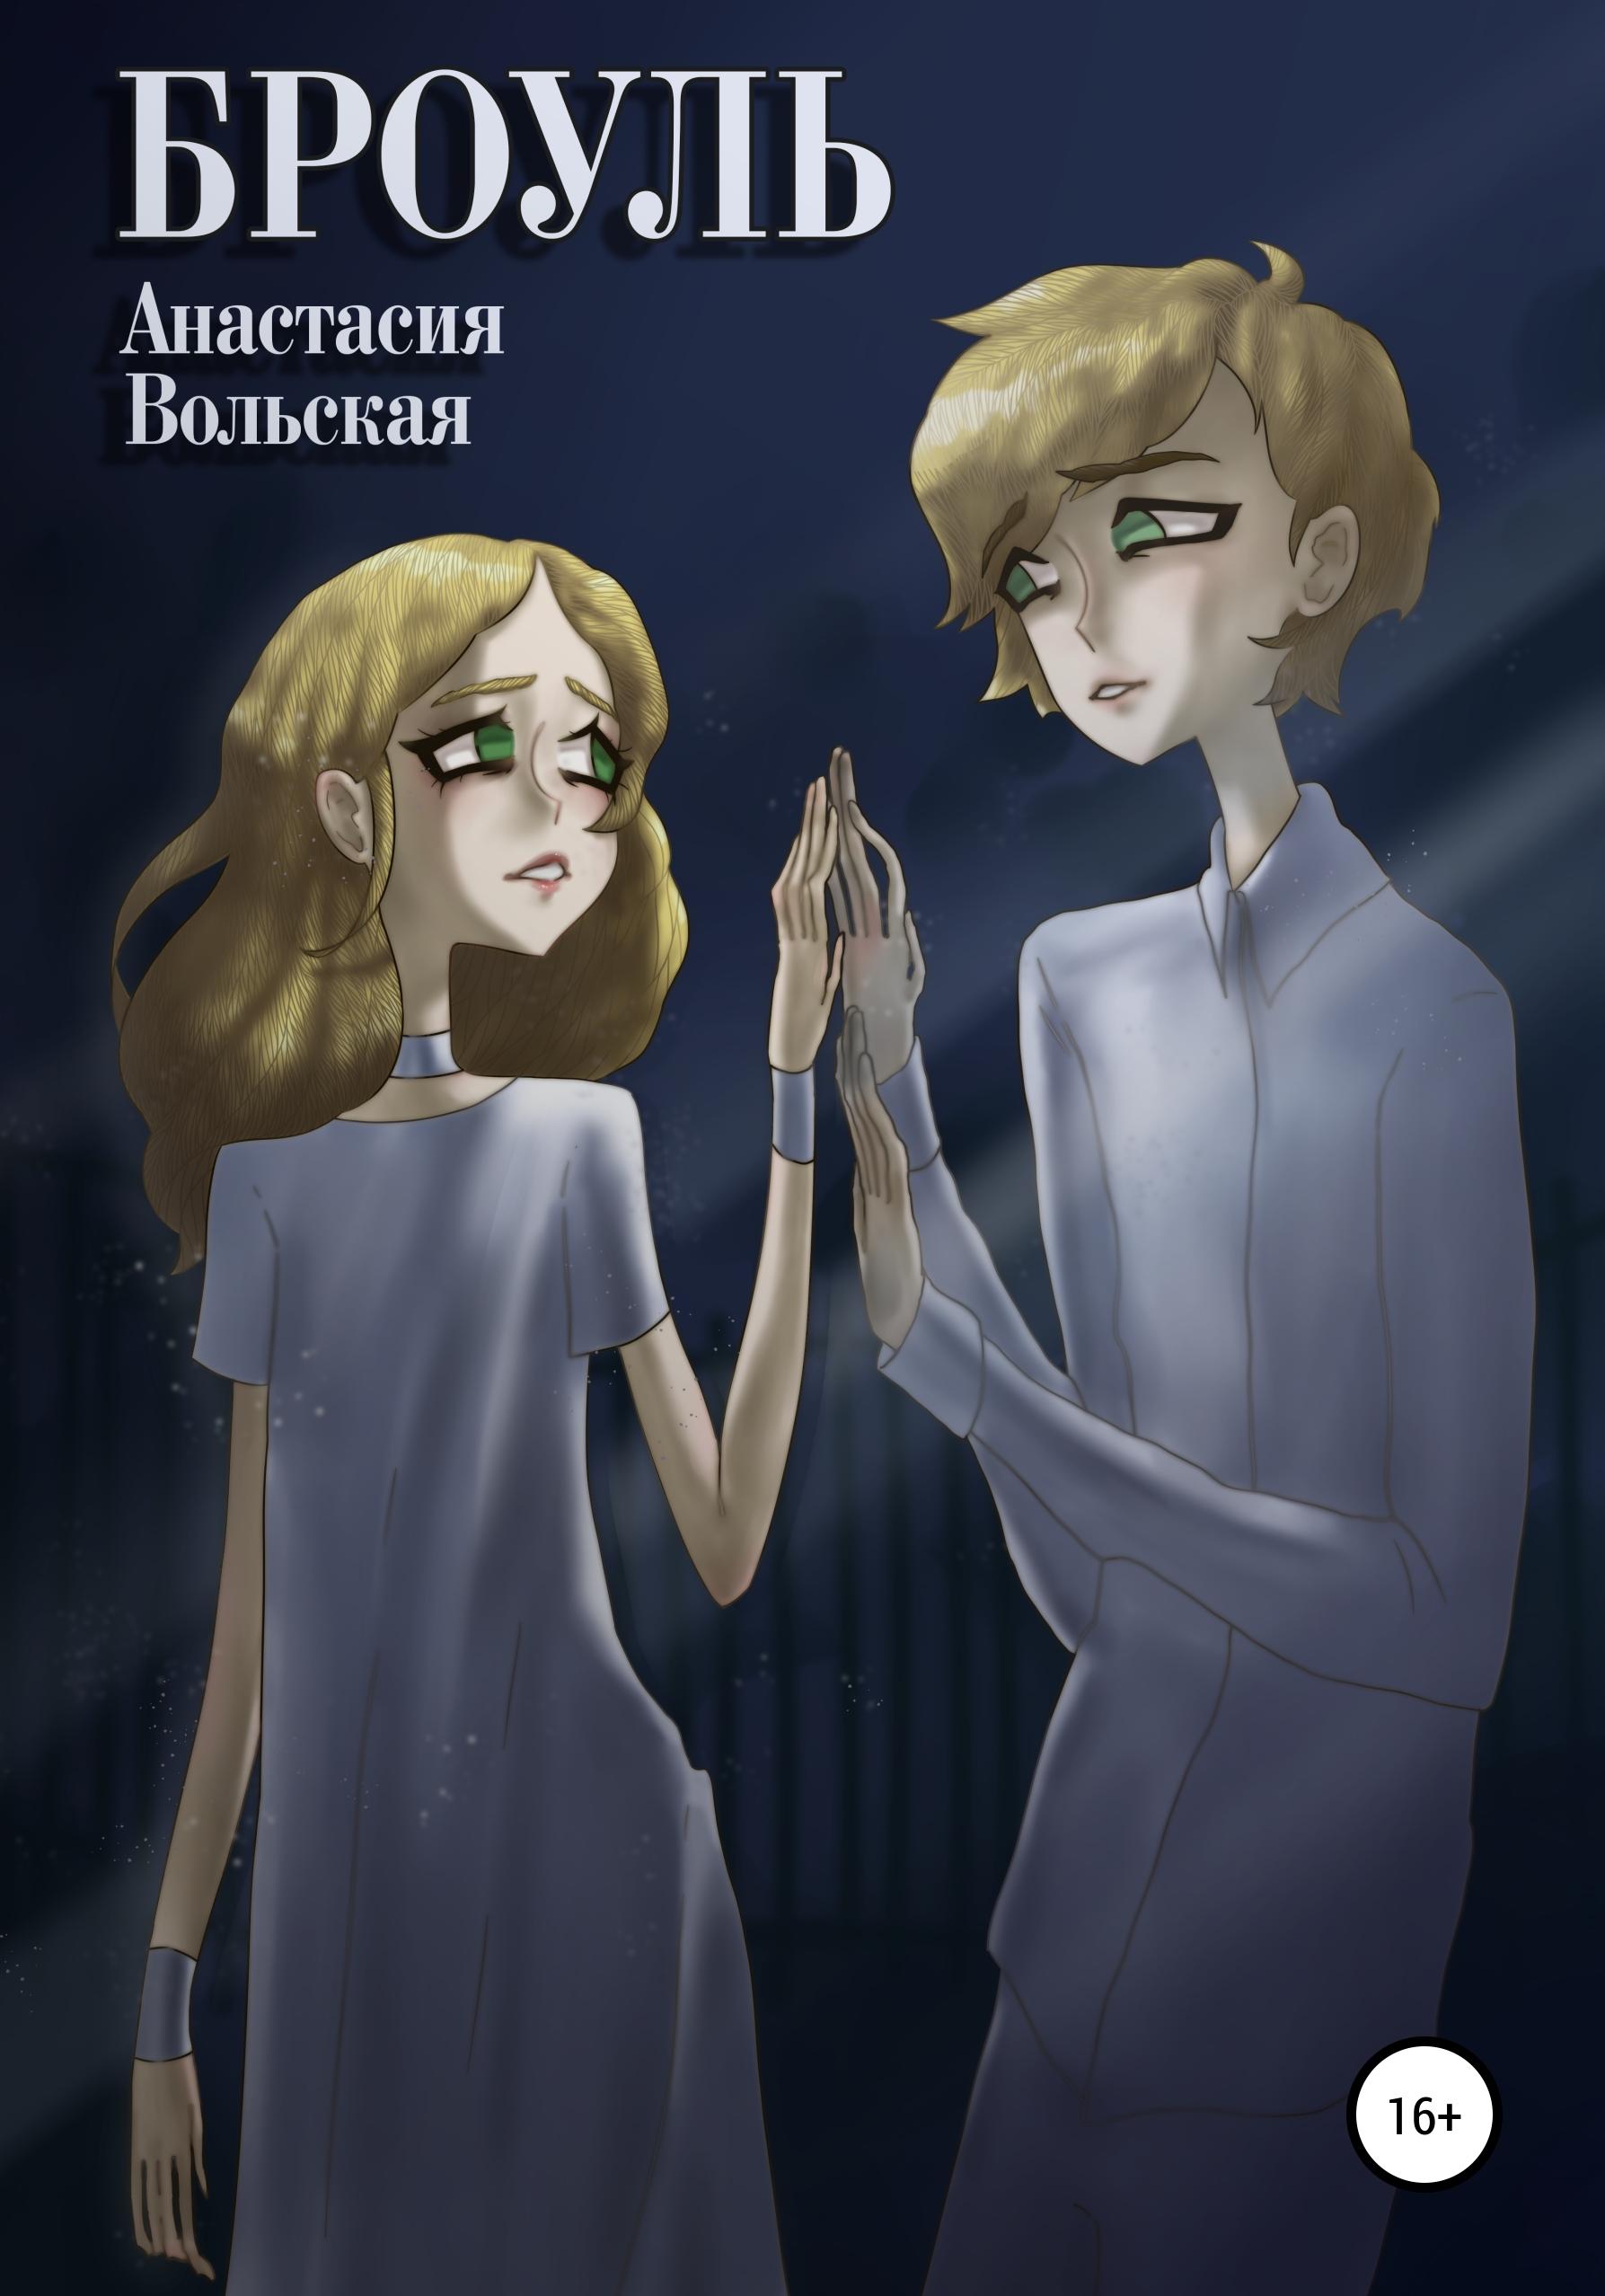 Купить книгу Броуль, автора Анастасии Вольской